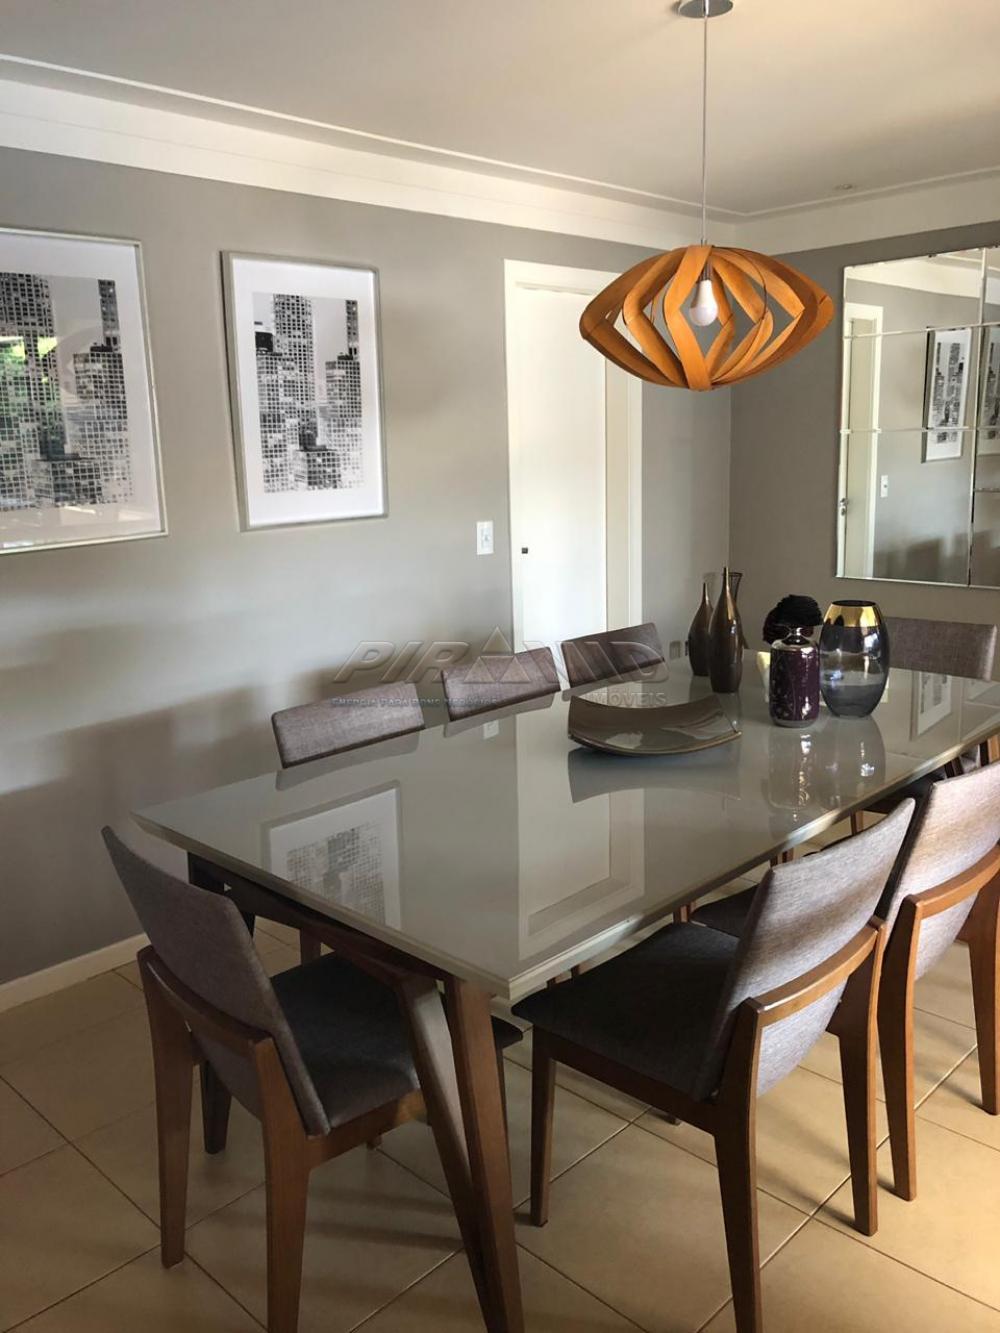 Comprar Casa / Condomínio em Ribeirão Preto apenas R$ 1.280.000,00 - Foto 8